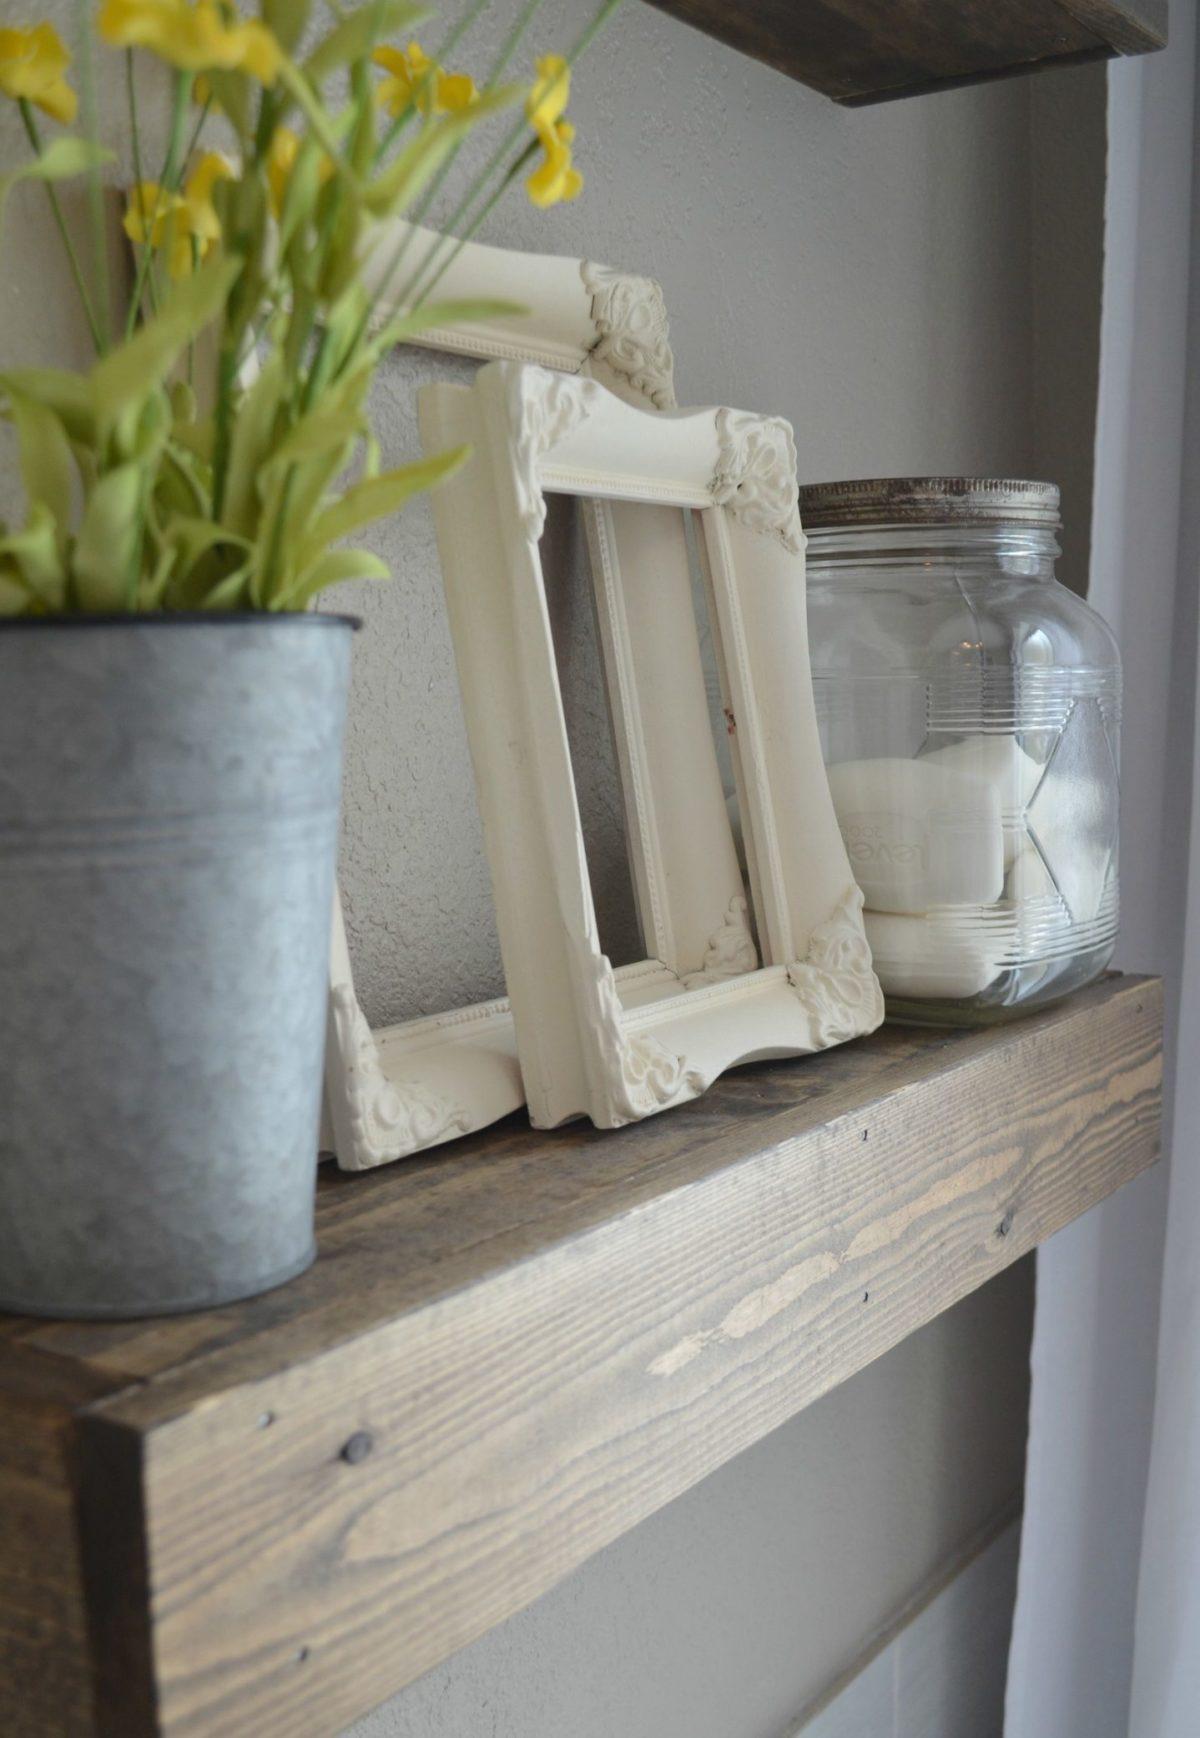 Farmhouse Bathroom Decor Mason Jar And Soap Sarah Joy